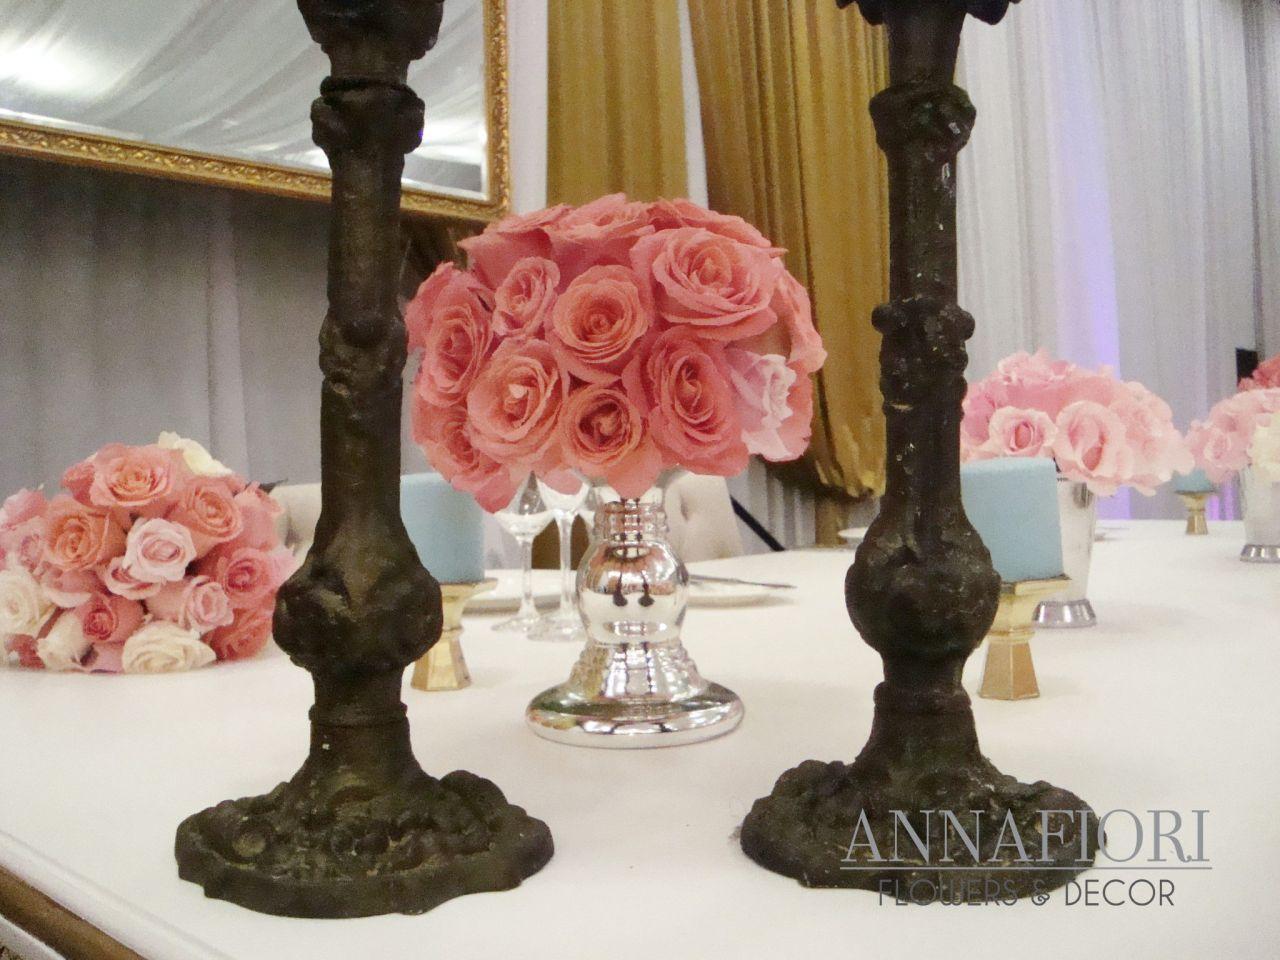 Annafiori, Flowers and Décor | Flores y arreglos para boda en México